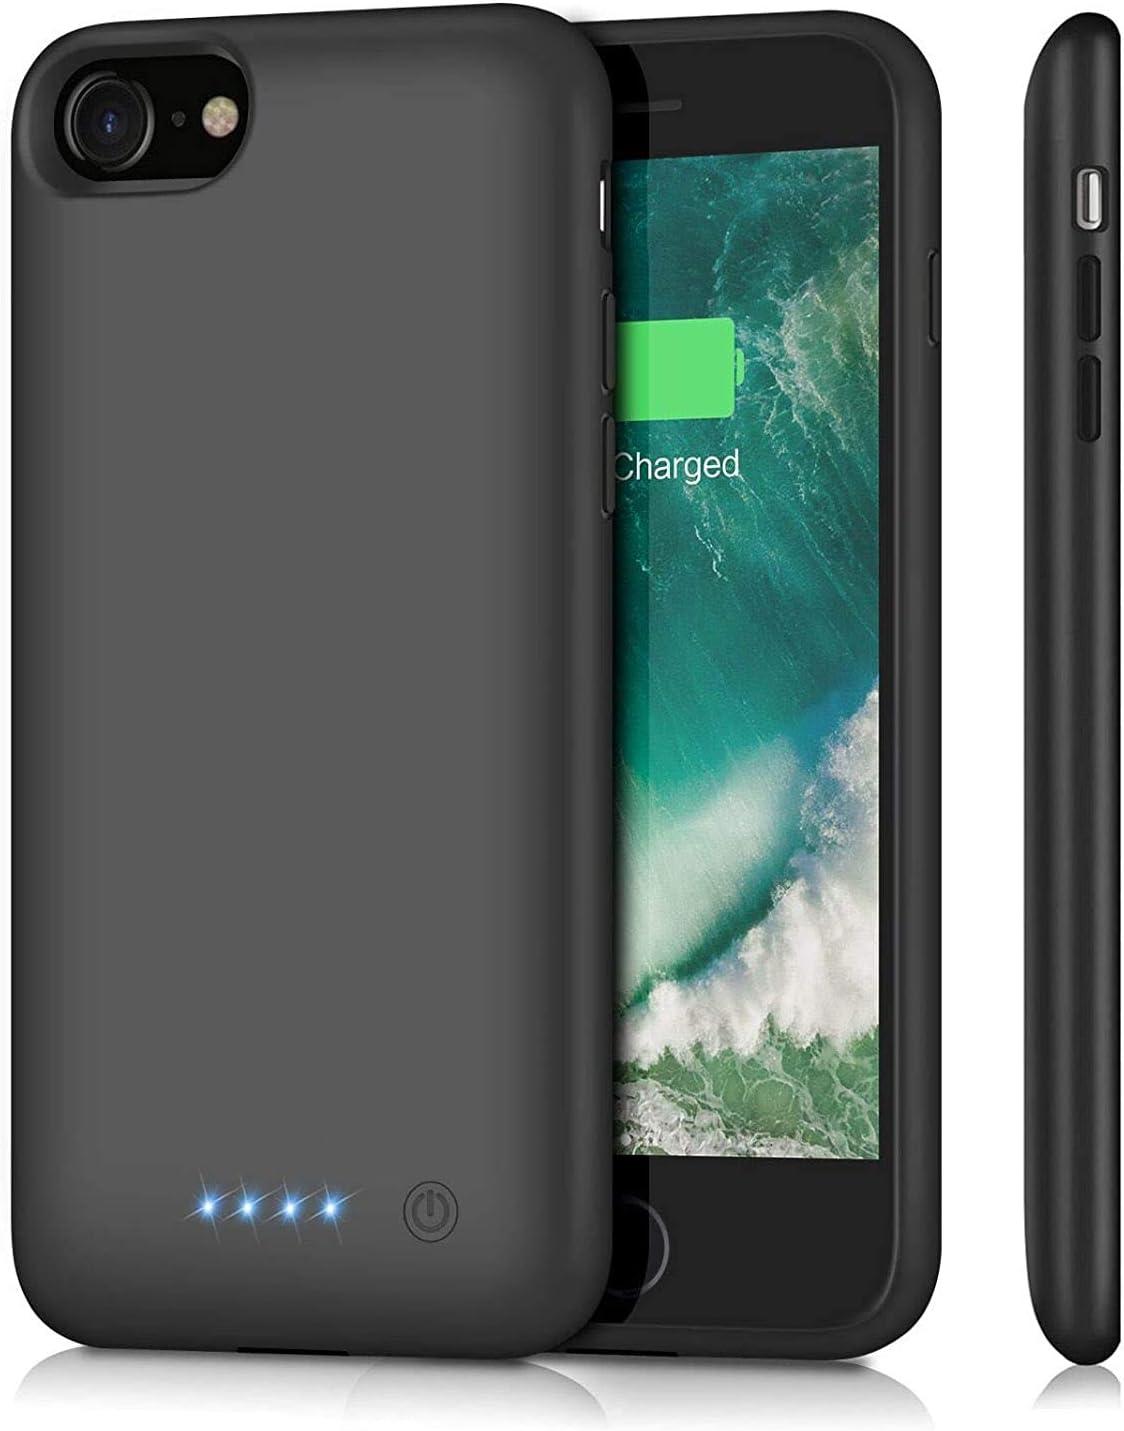 Ekrist Funda Batería para iPhone 7/8/6/6s, 6000mAh Funda Cargador Portatil Ultra Capacidad Carcasa Batería Recargable Batería Externa para iPhone 7/8/6/6s [4.7 Pulgadas]